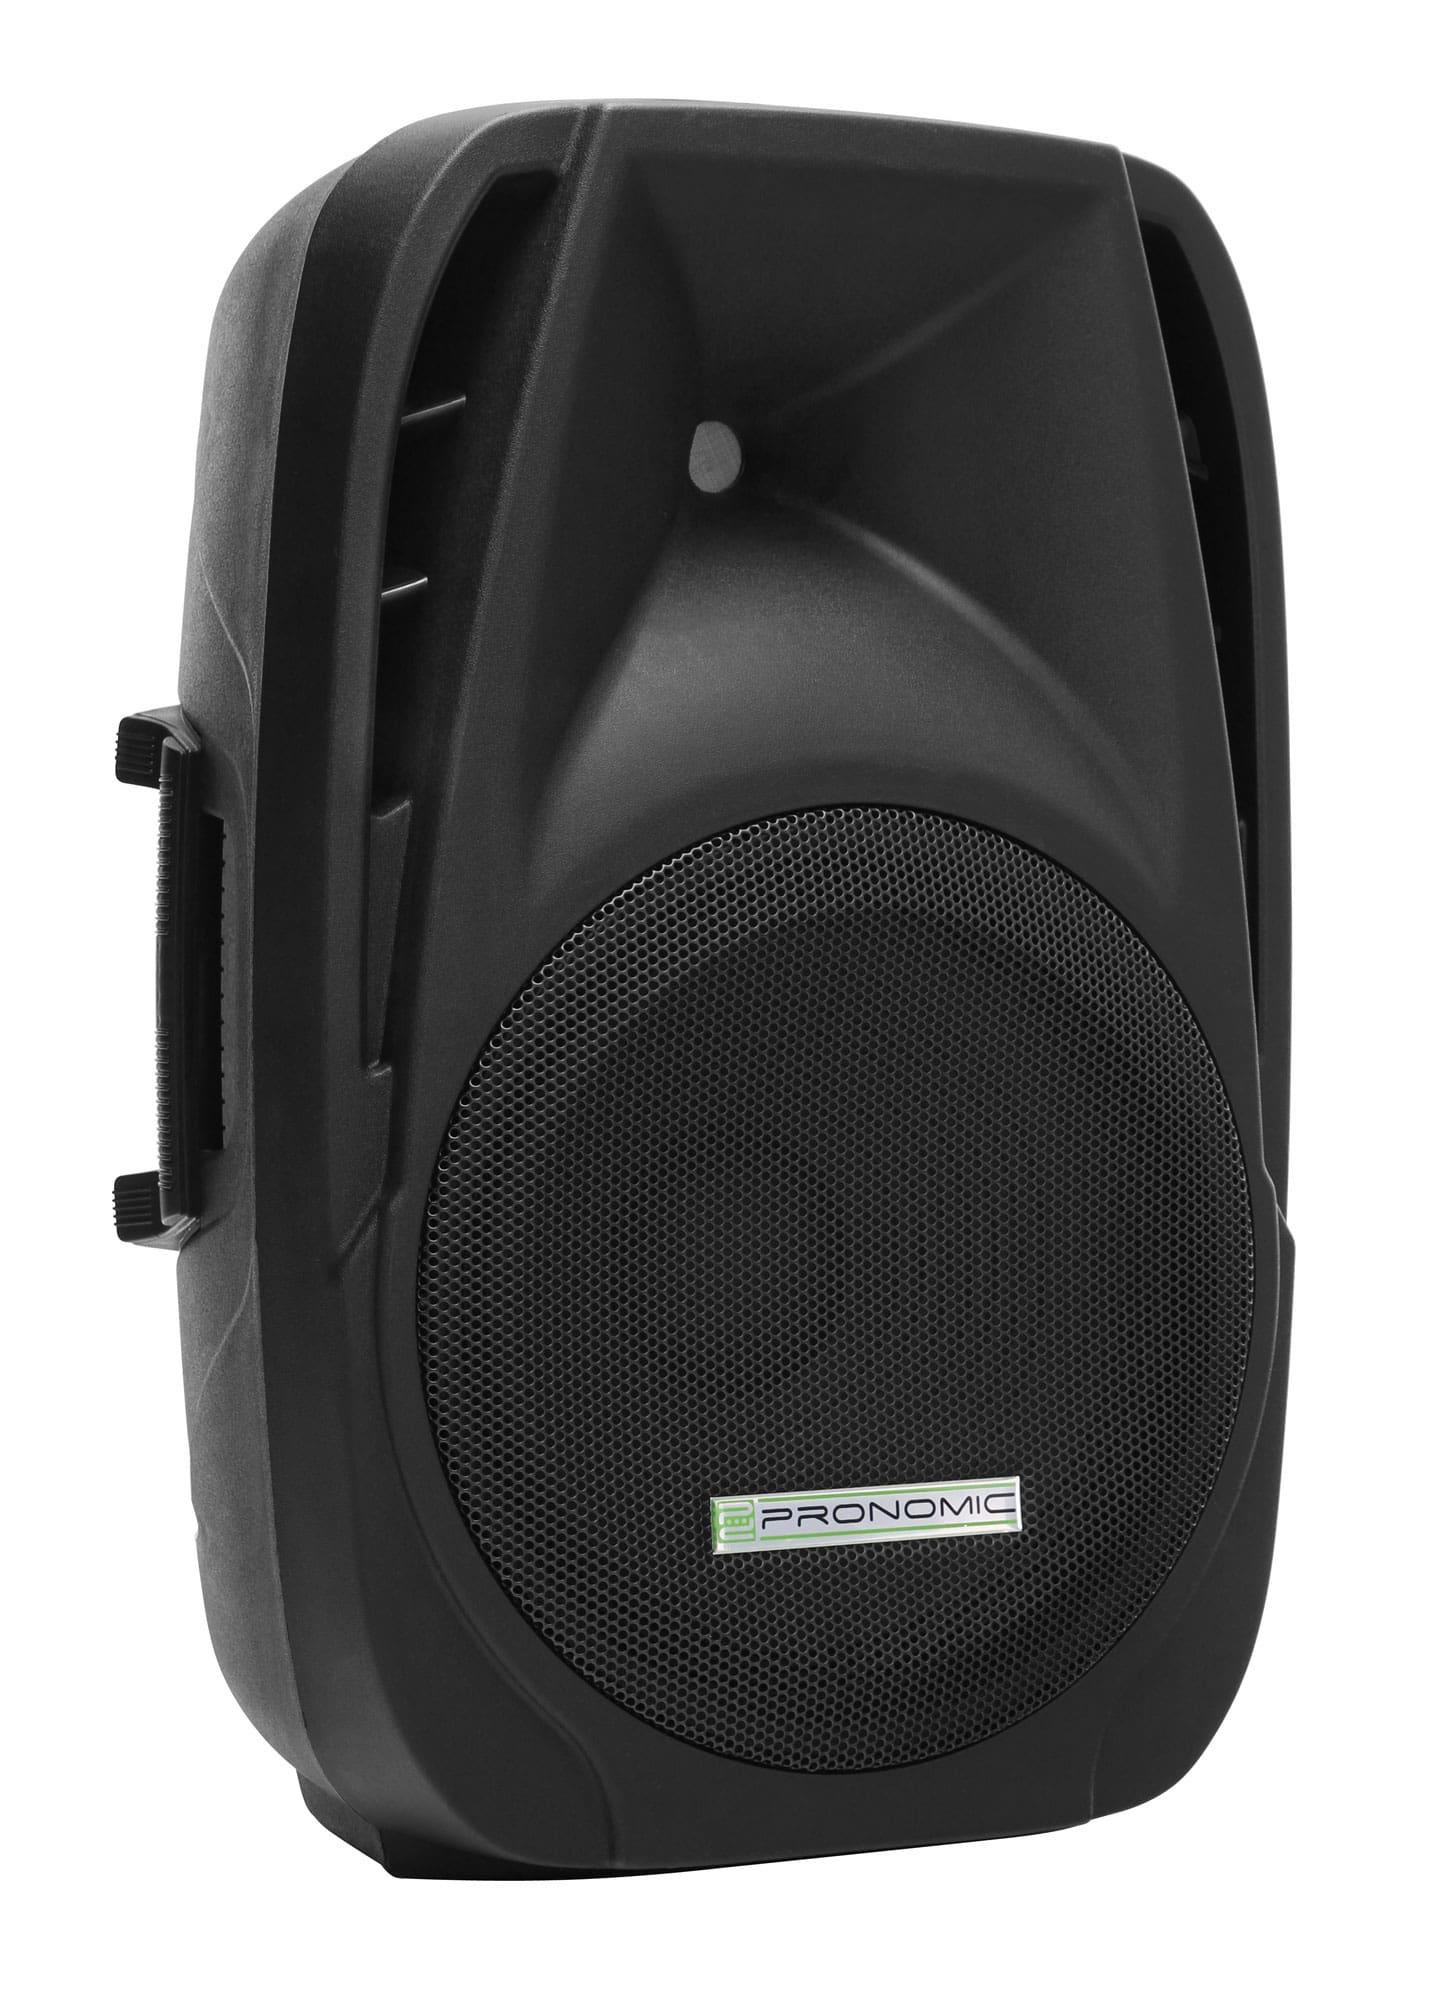 Pronomic PH12 Passivbox Lautsprecher 160|300 Watt